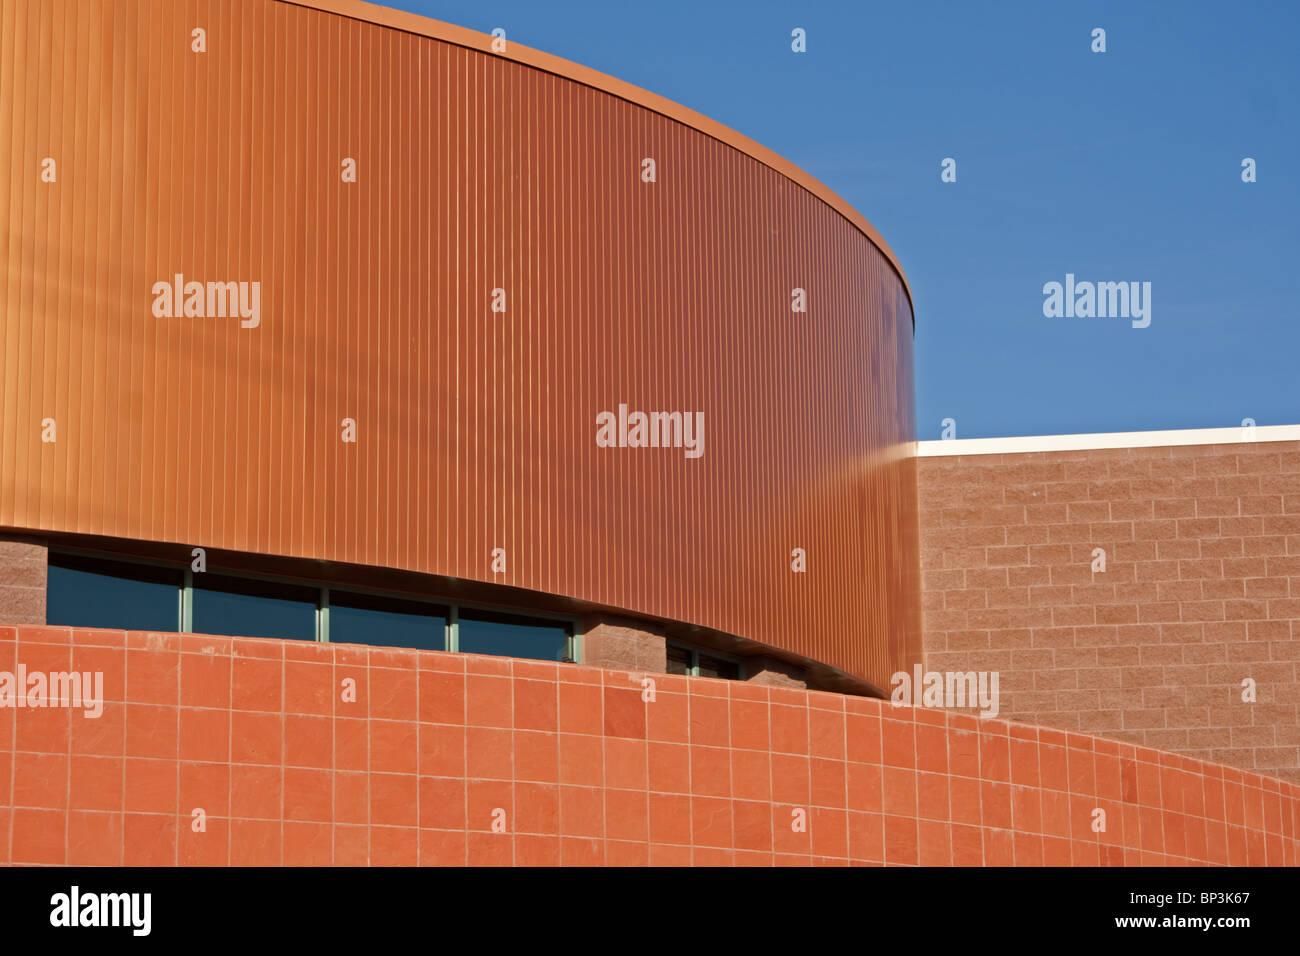 La parte superior del edificio comercial con techo de cobre Imagen De Stock